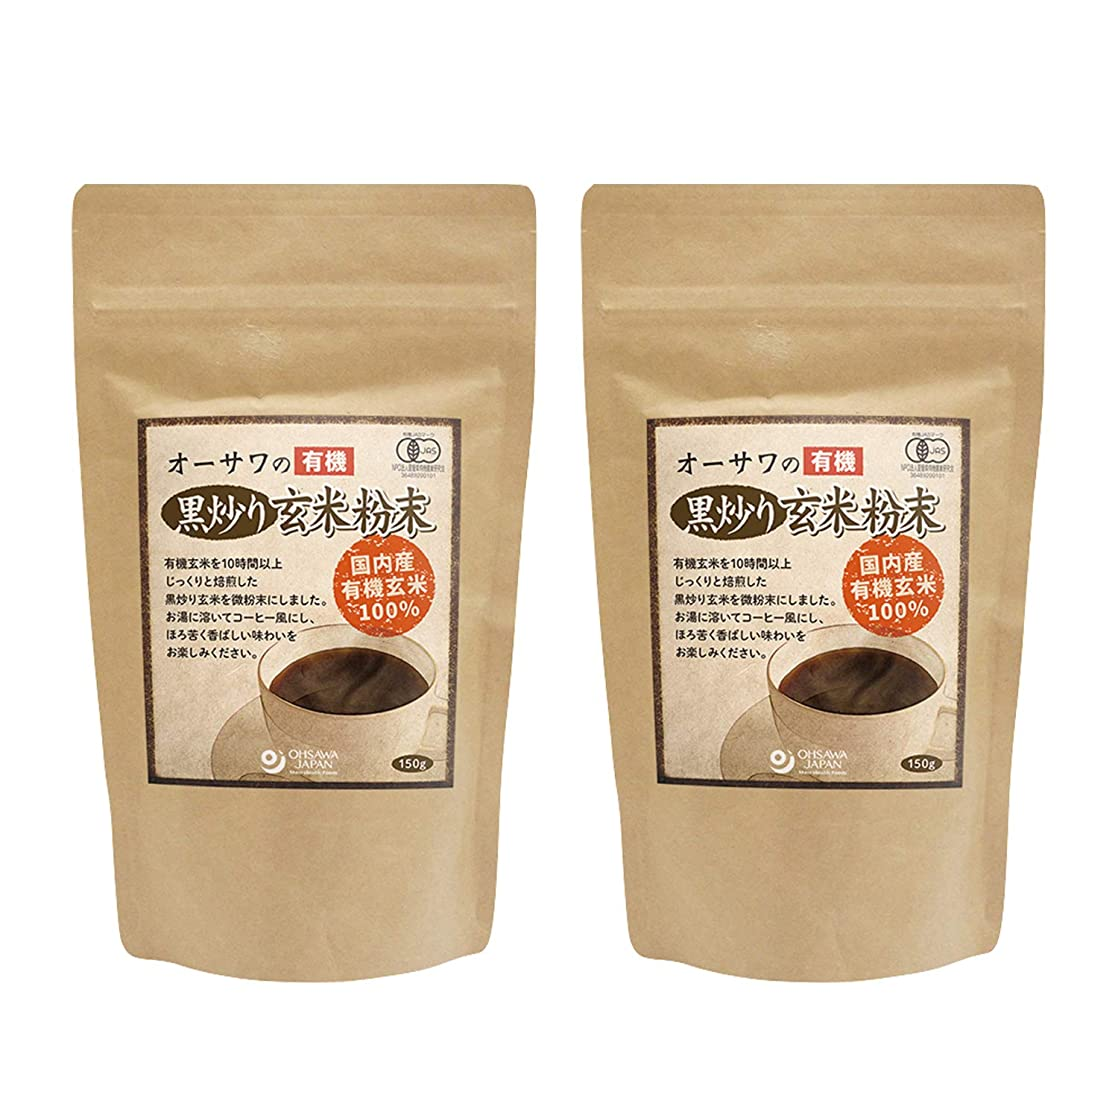 減るボットキャンベラオーサワの有機 黒炒り玄米粉末 150g×2個セット【有機JAS認定】